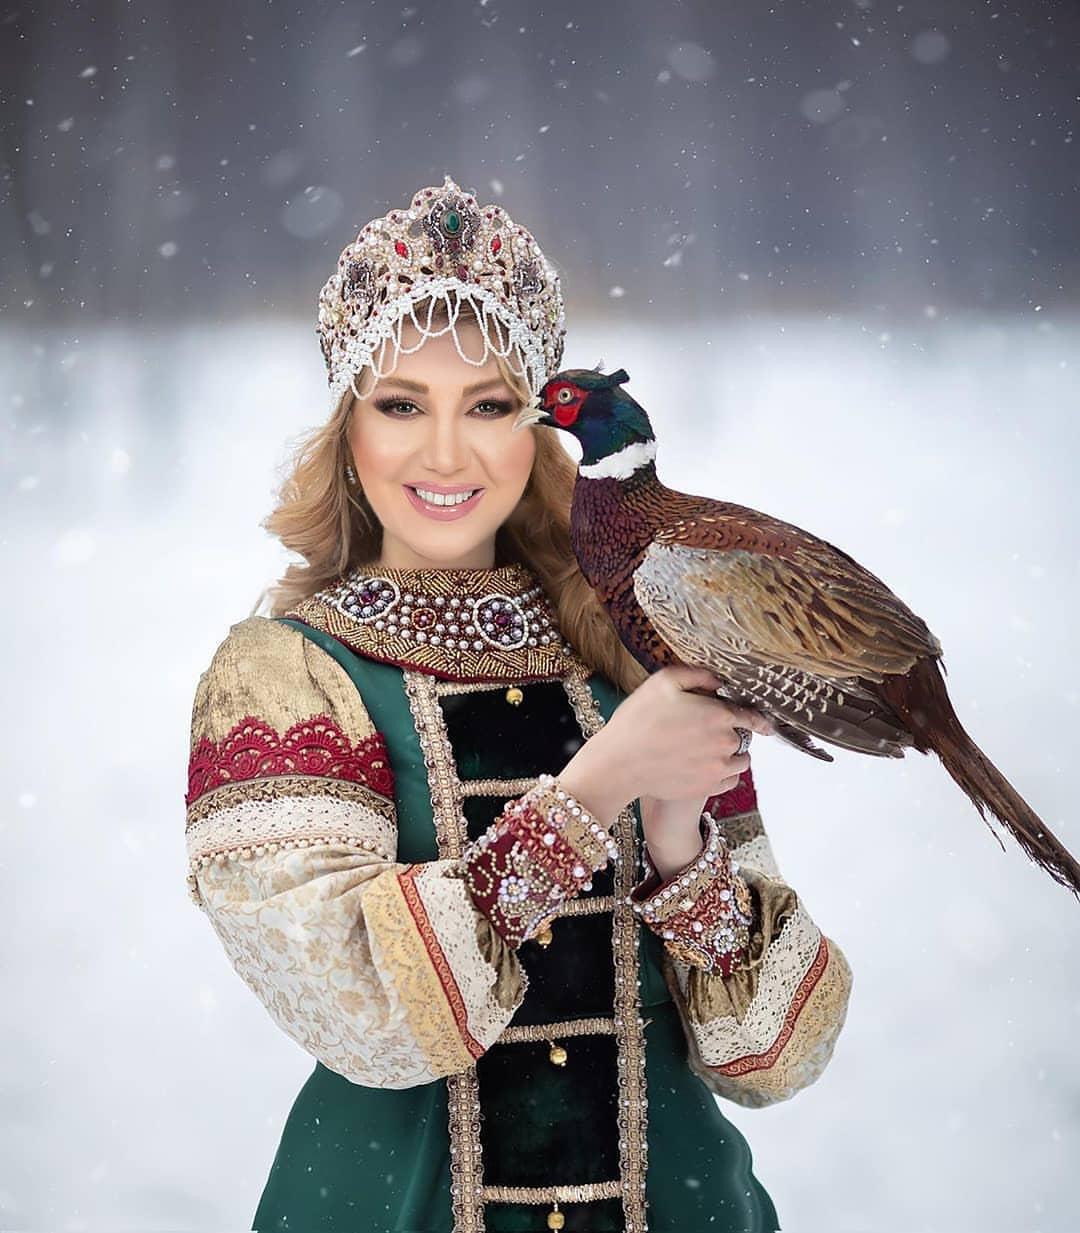 behnoosh_bakhtiari_1611681648